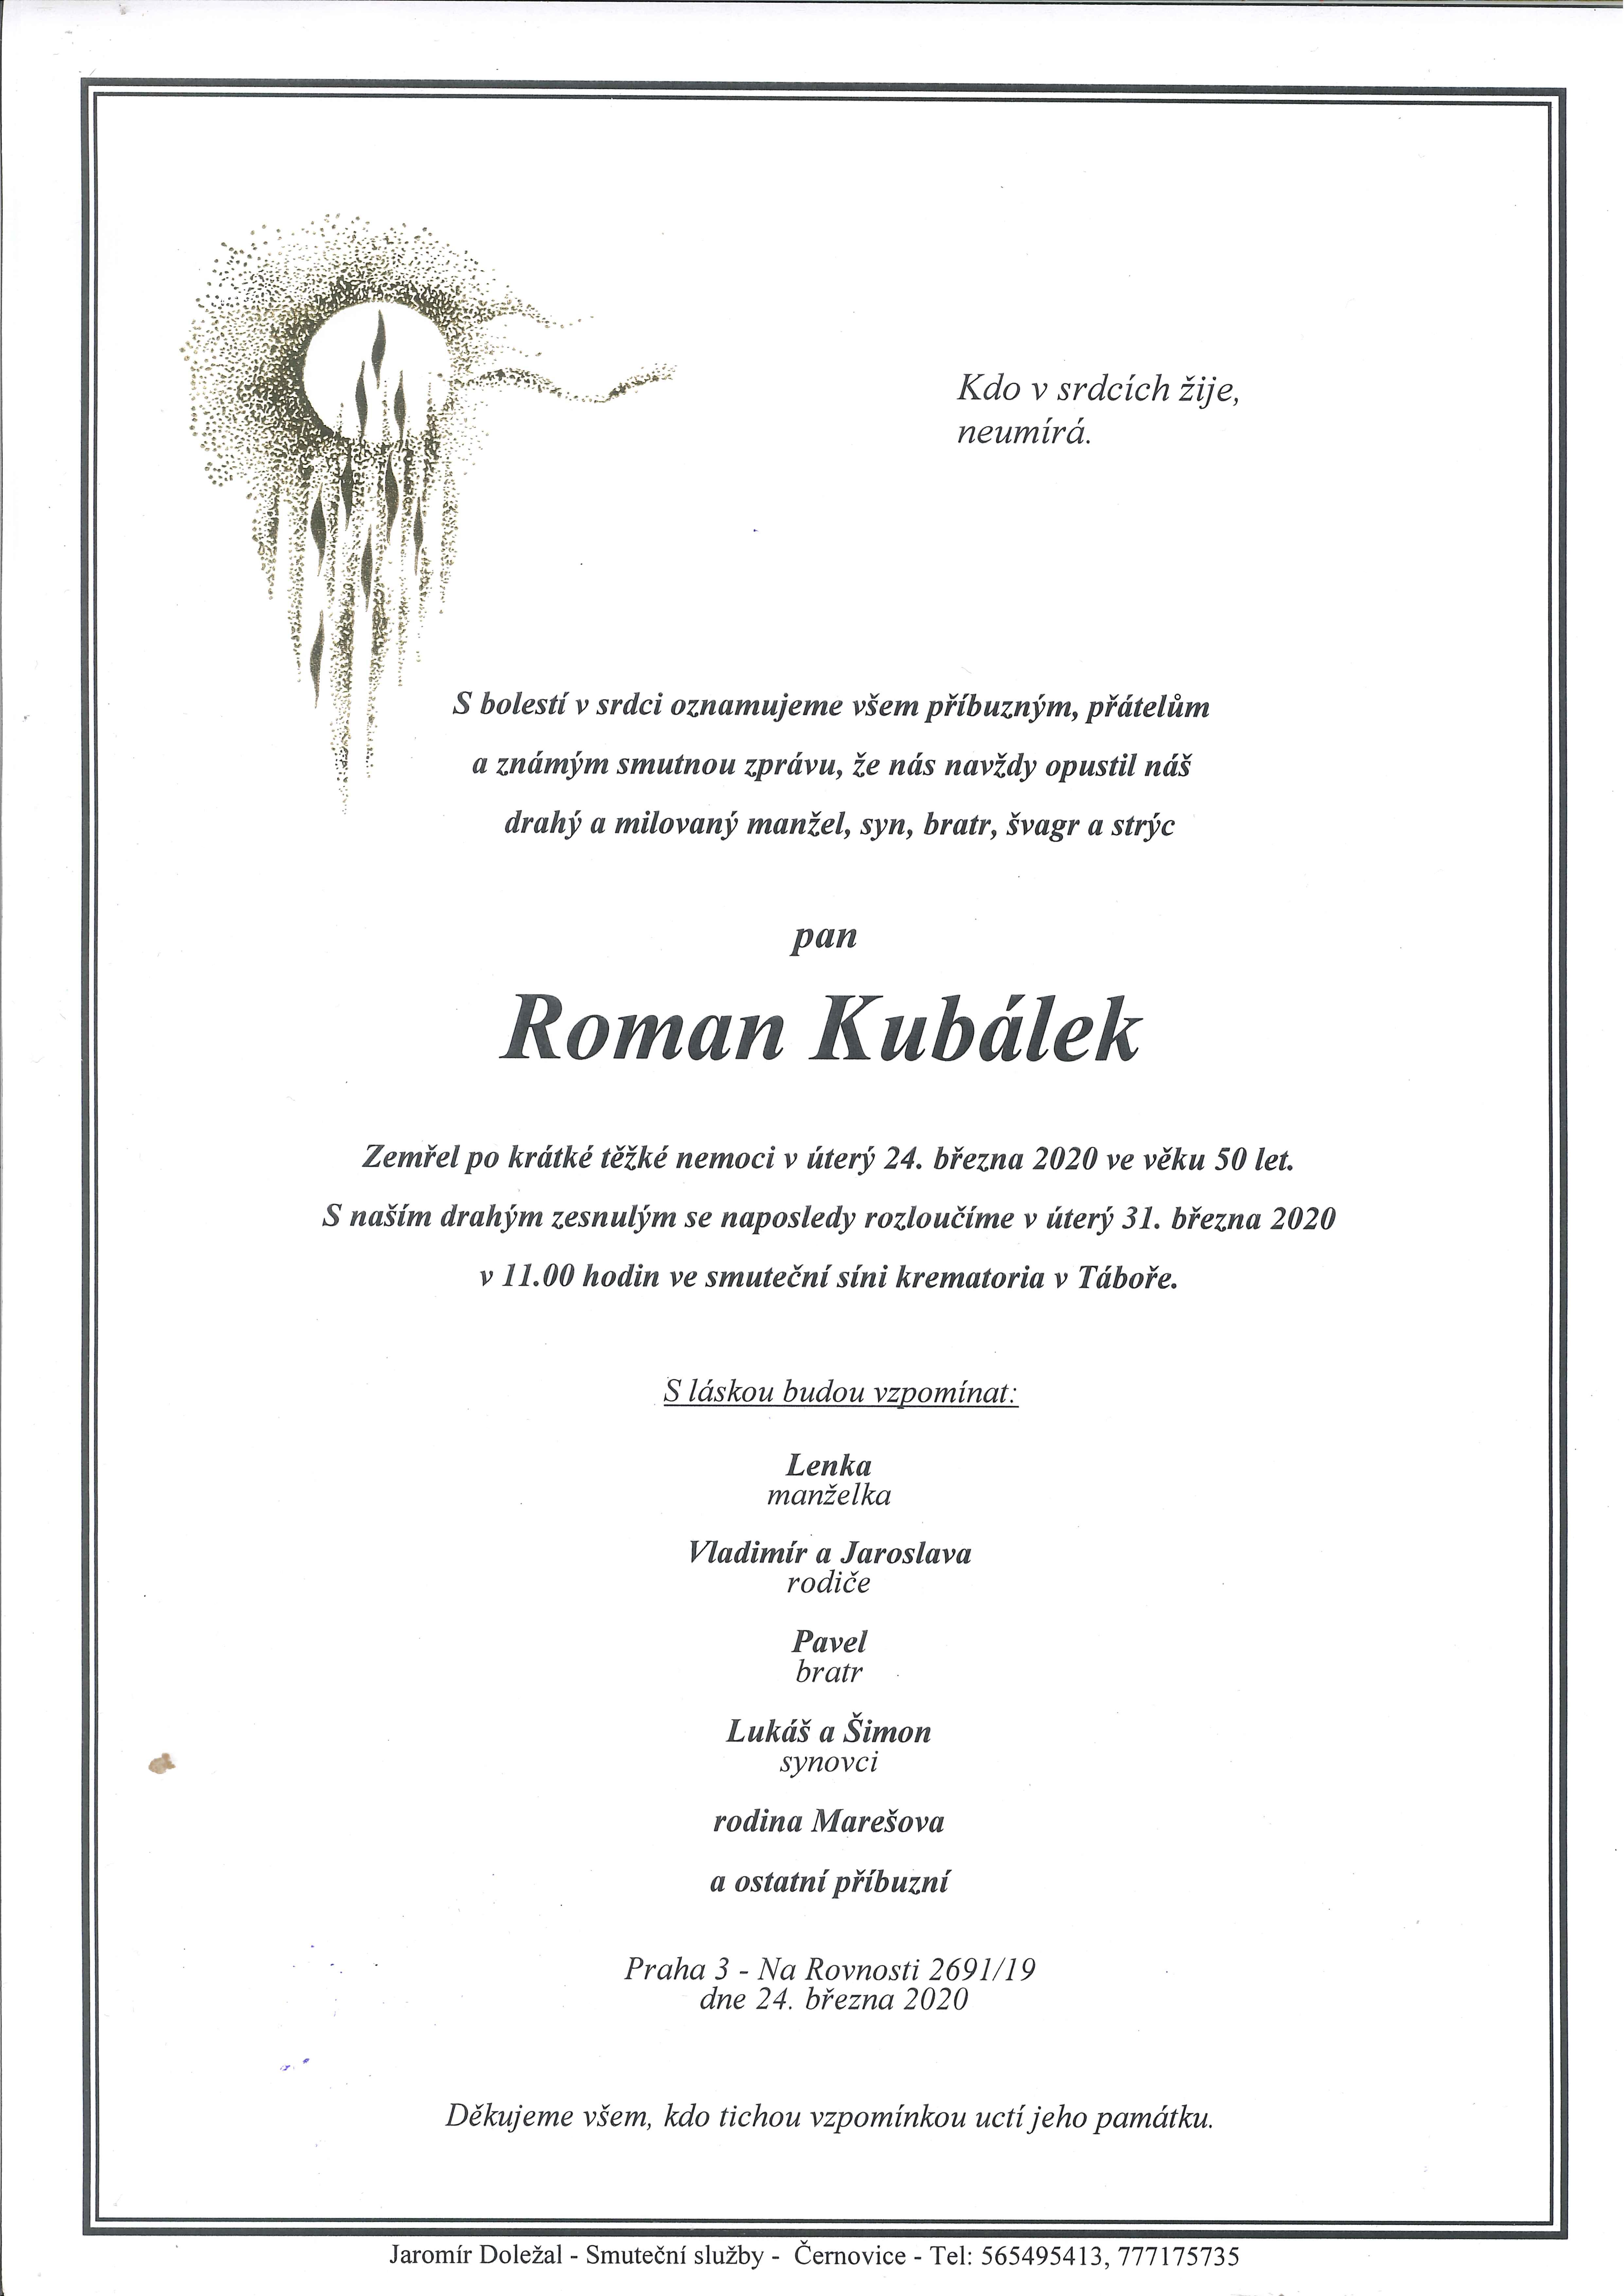 Roman Kubálek